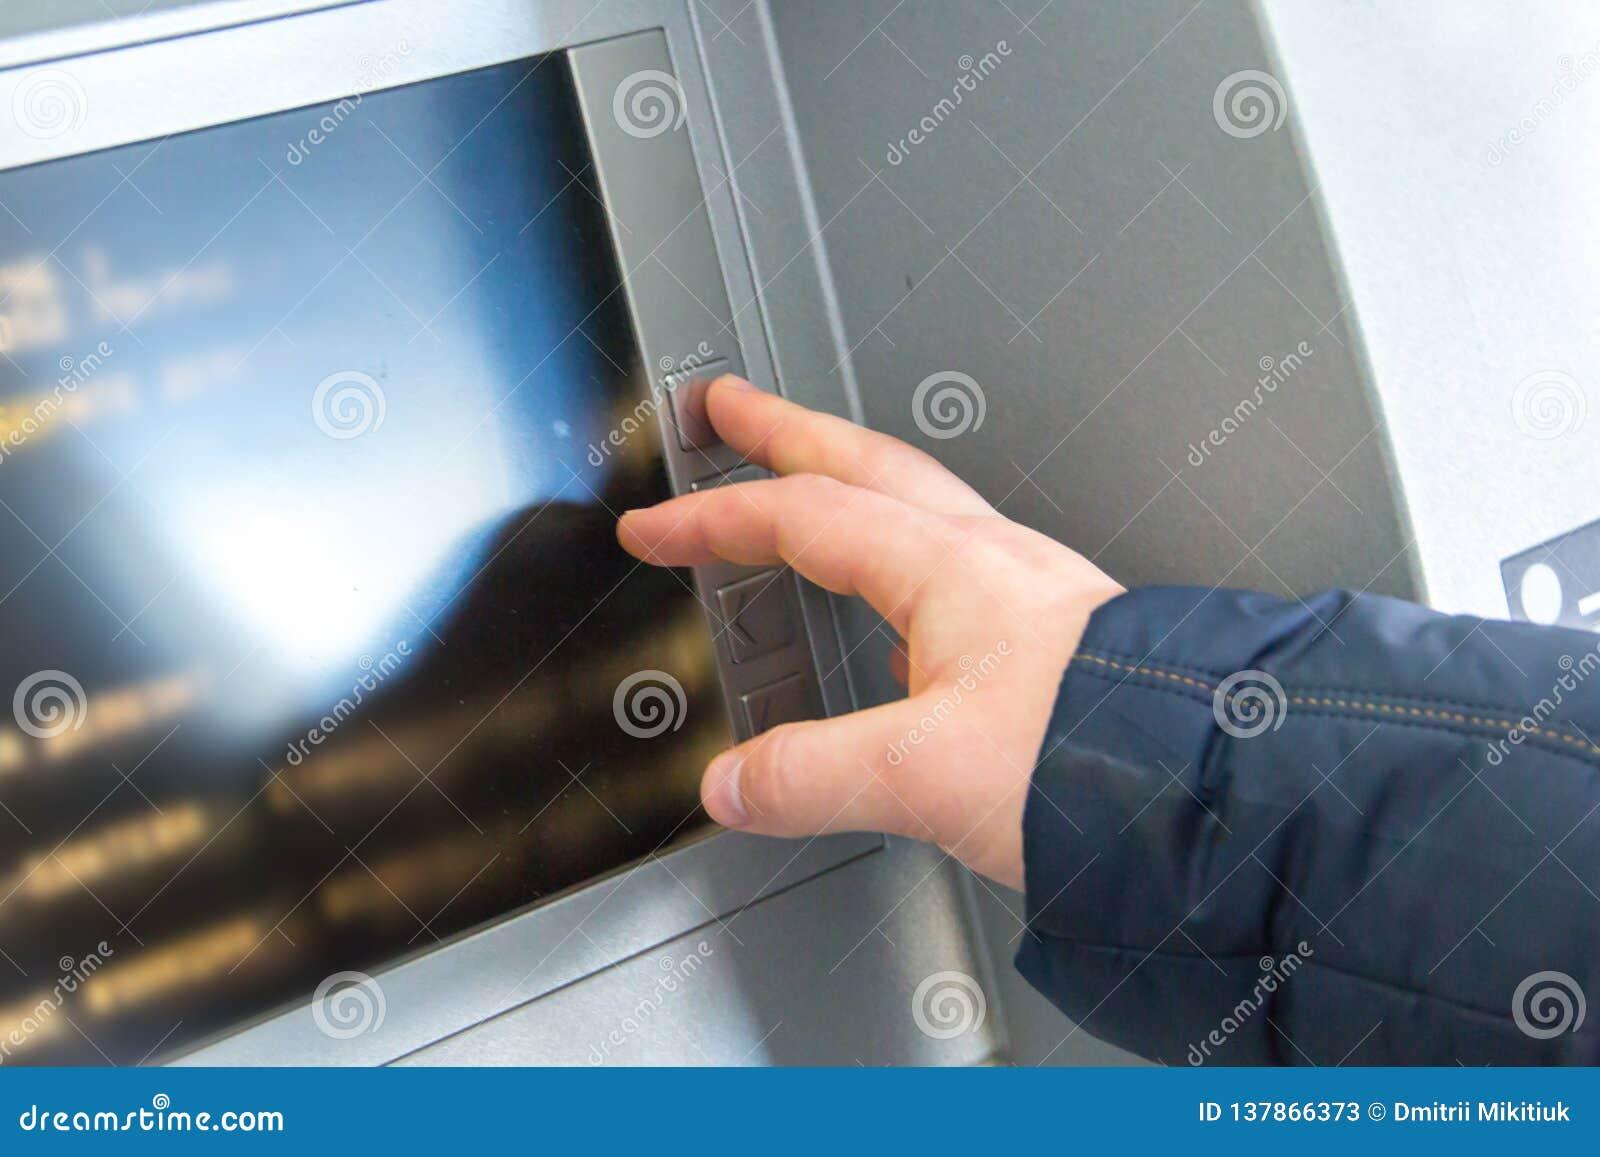 Το ανθρώπινο χέρι πιέζει τα κουμπιά στο πληκτρολόγιο της μηχανής μετρητών